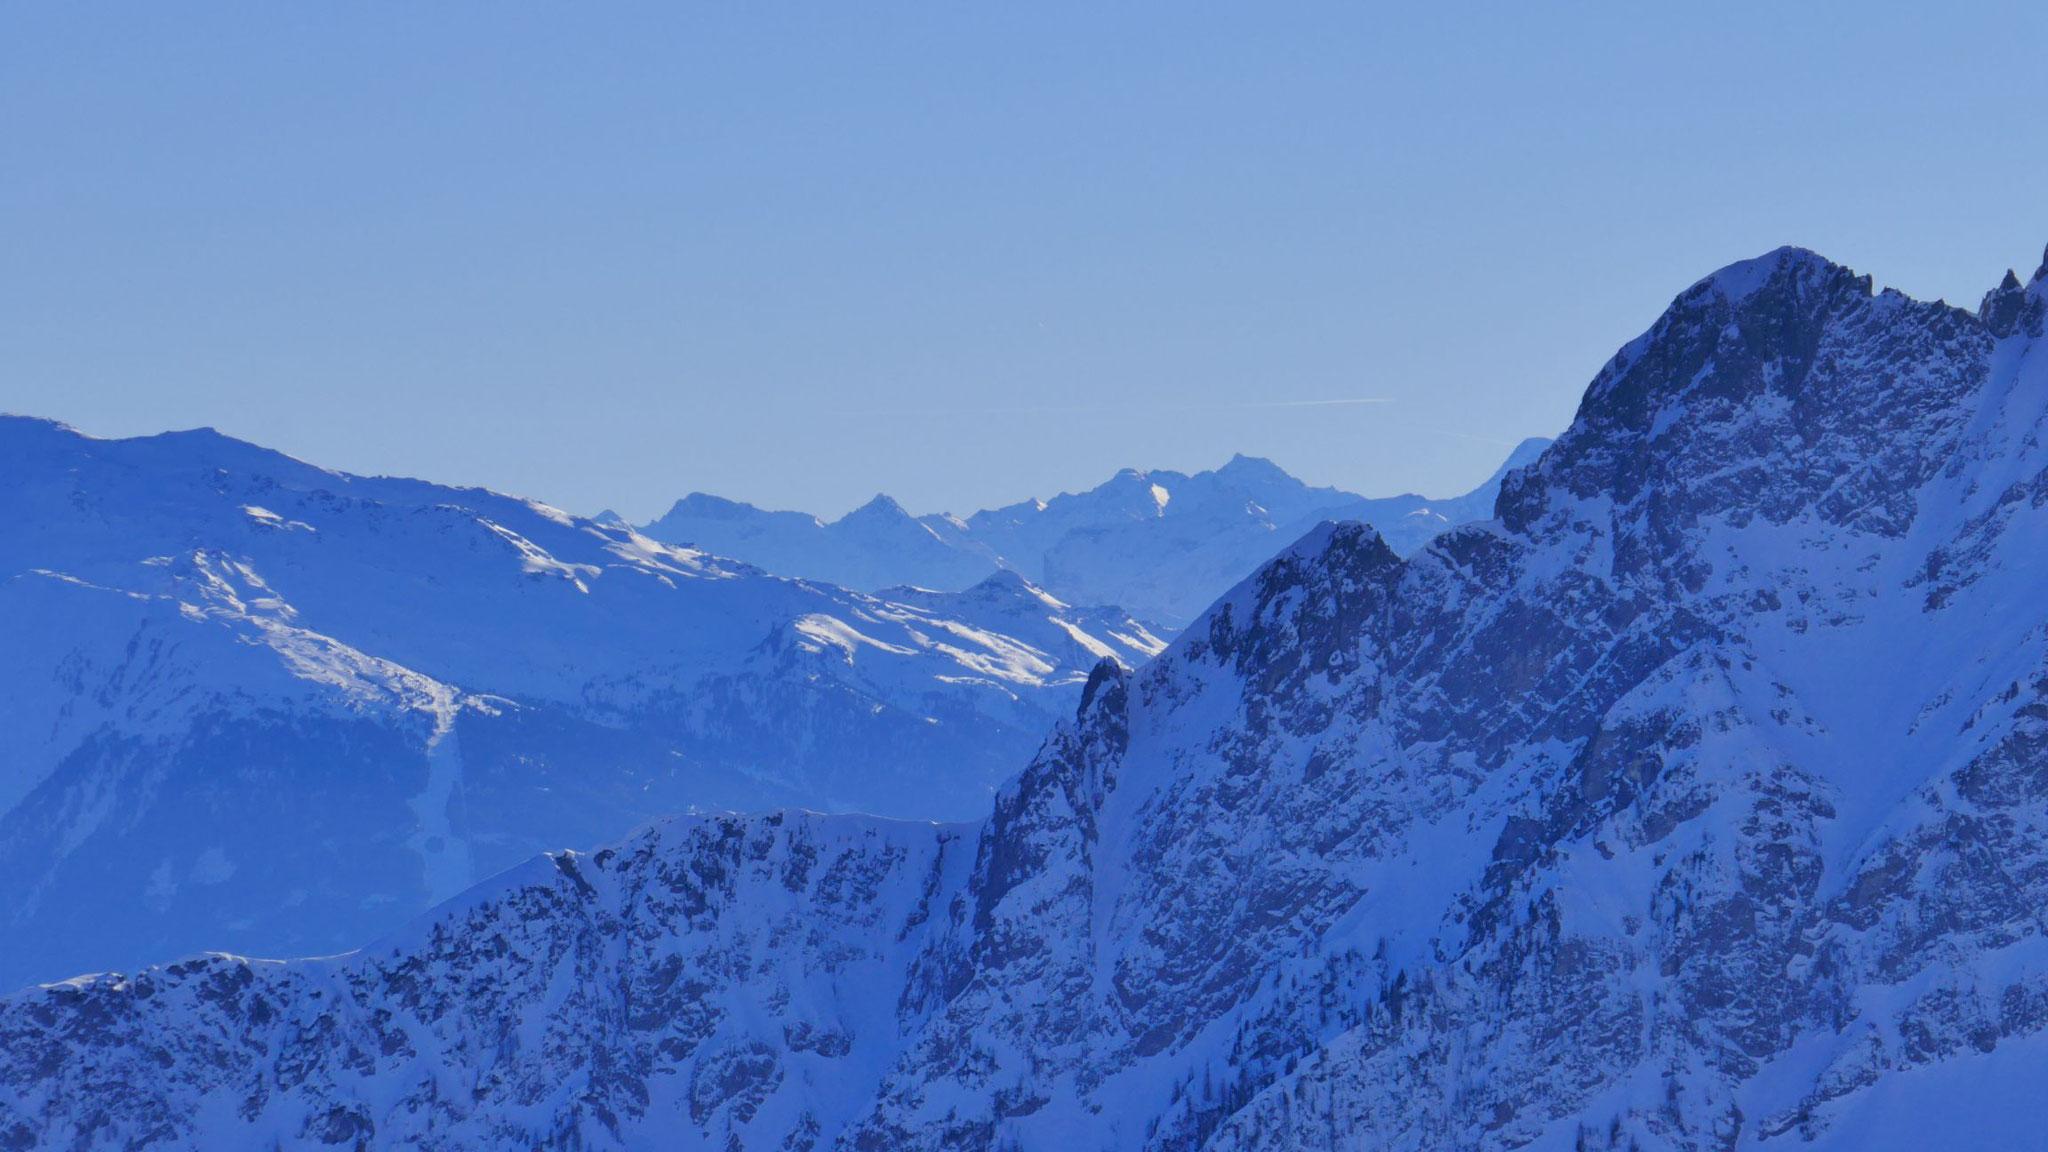 Rechts Fiechter Spitze, am Horizont der Hauptkamm mit Weißwand, Schneespitze und Feuersteinen